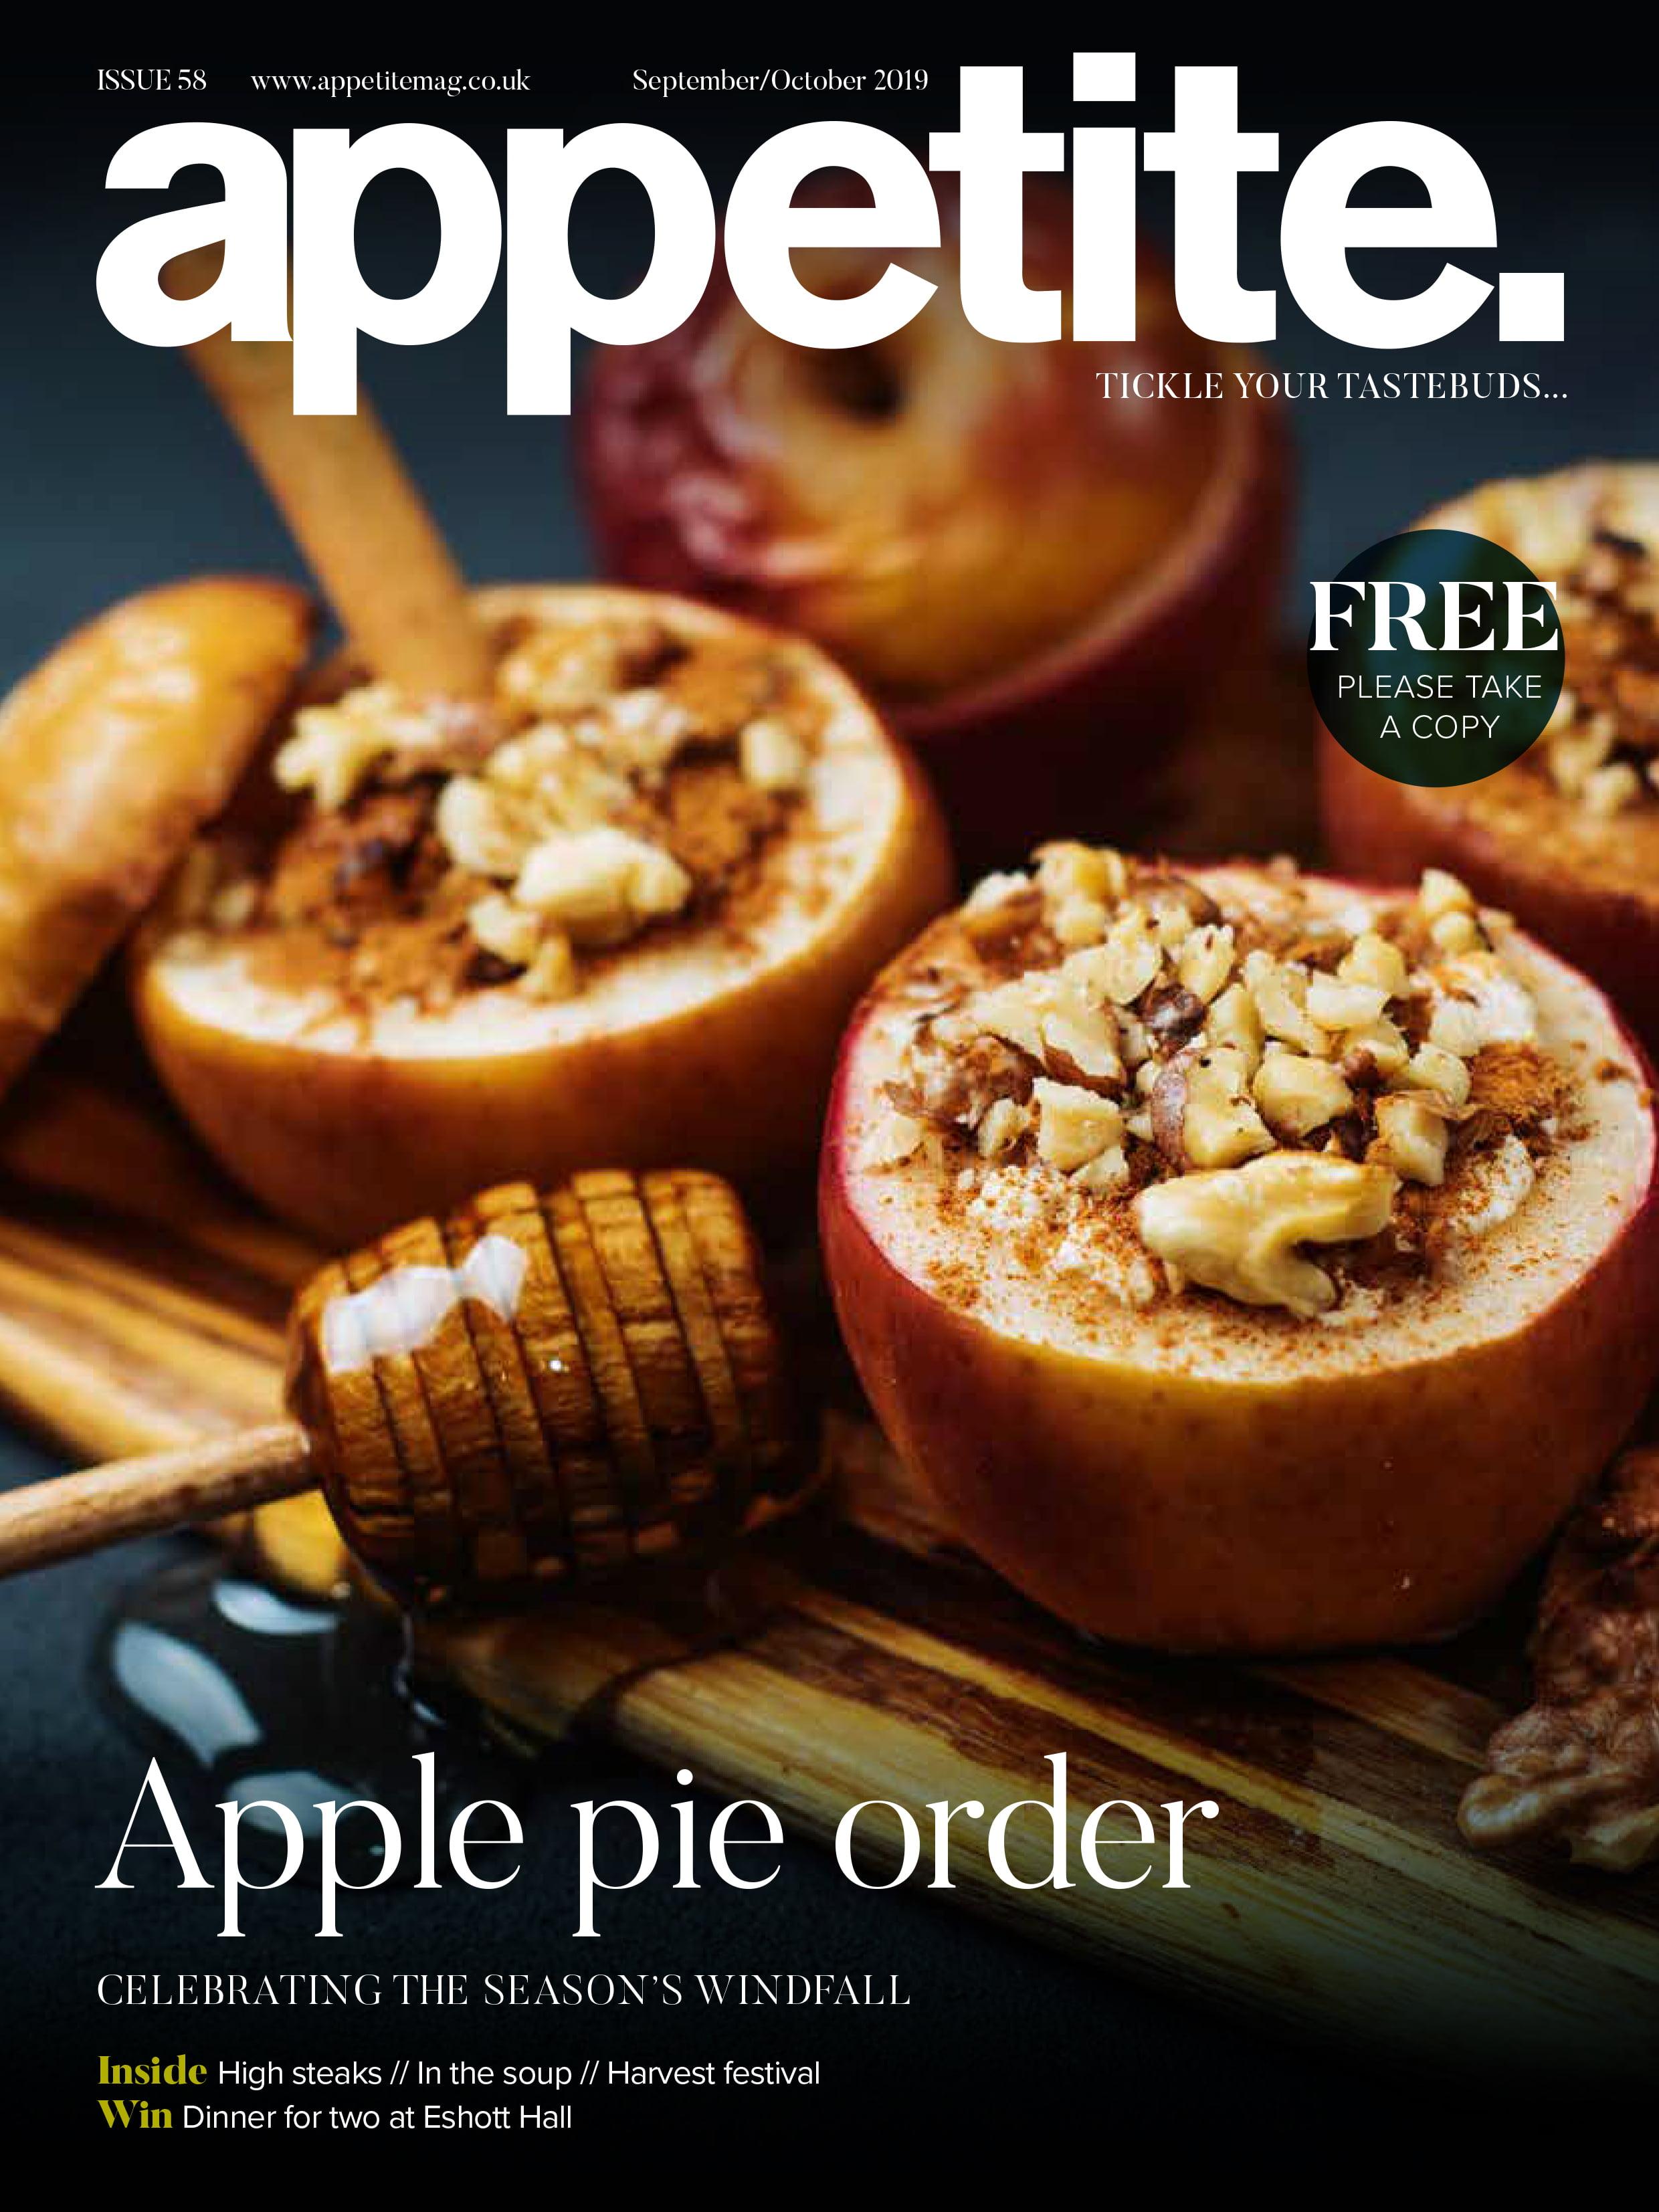 Appetite58 - September/October 2019